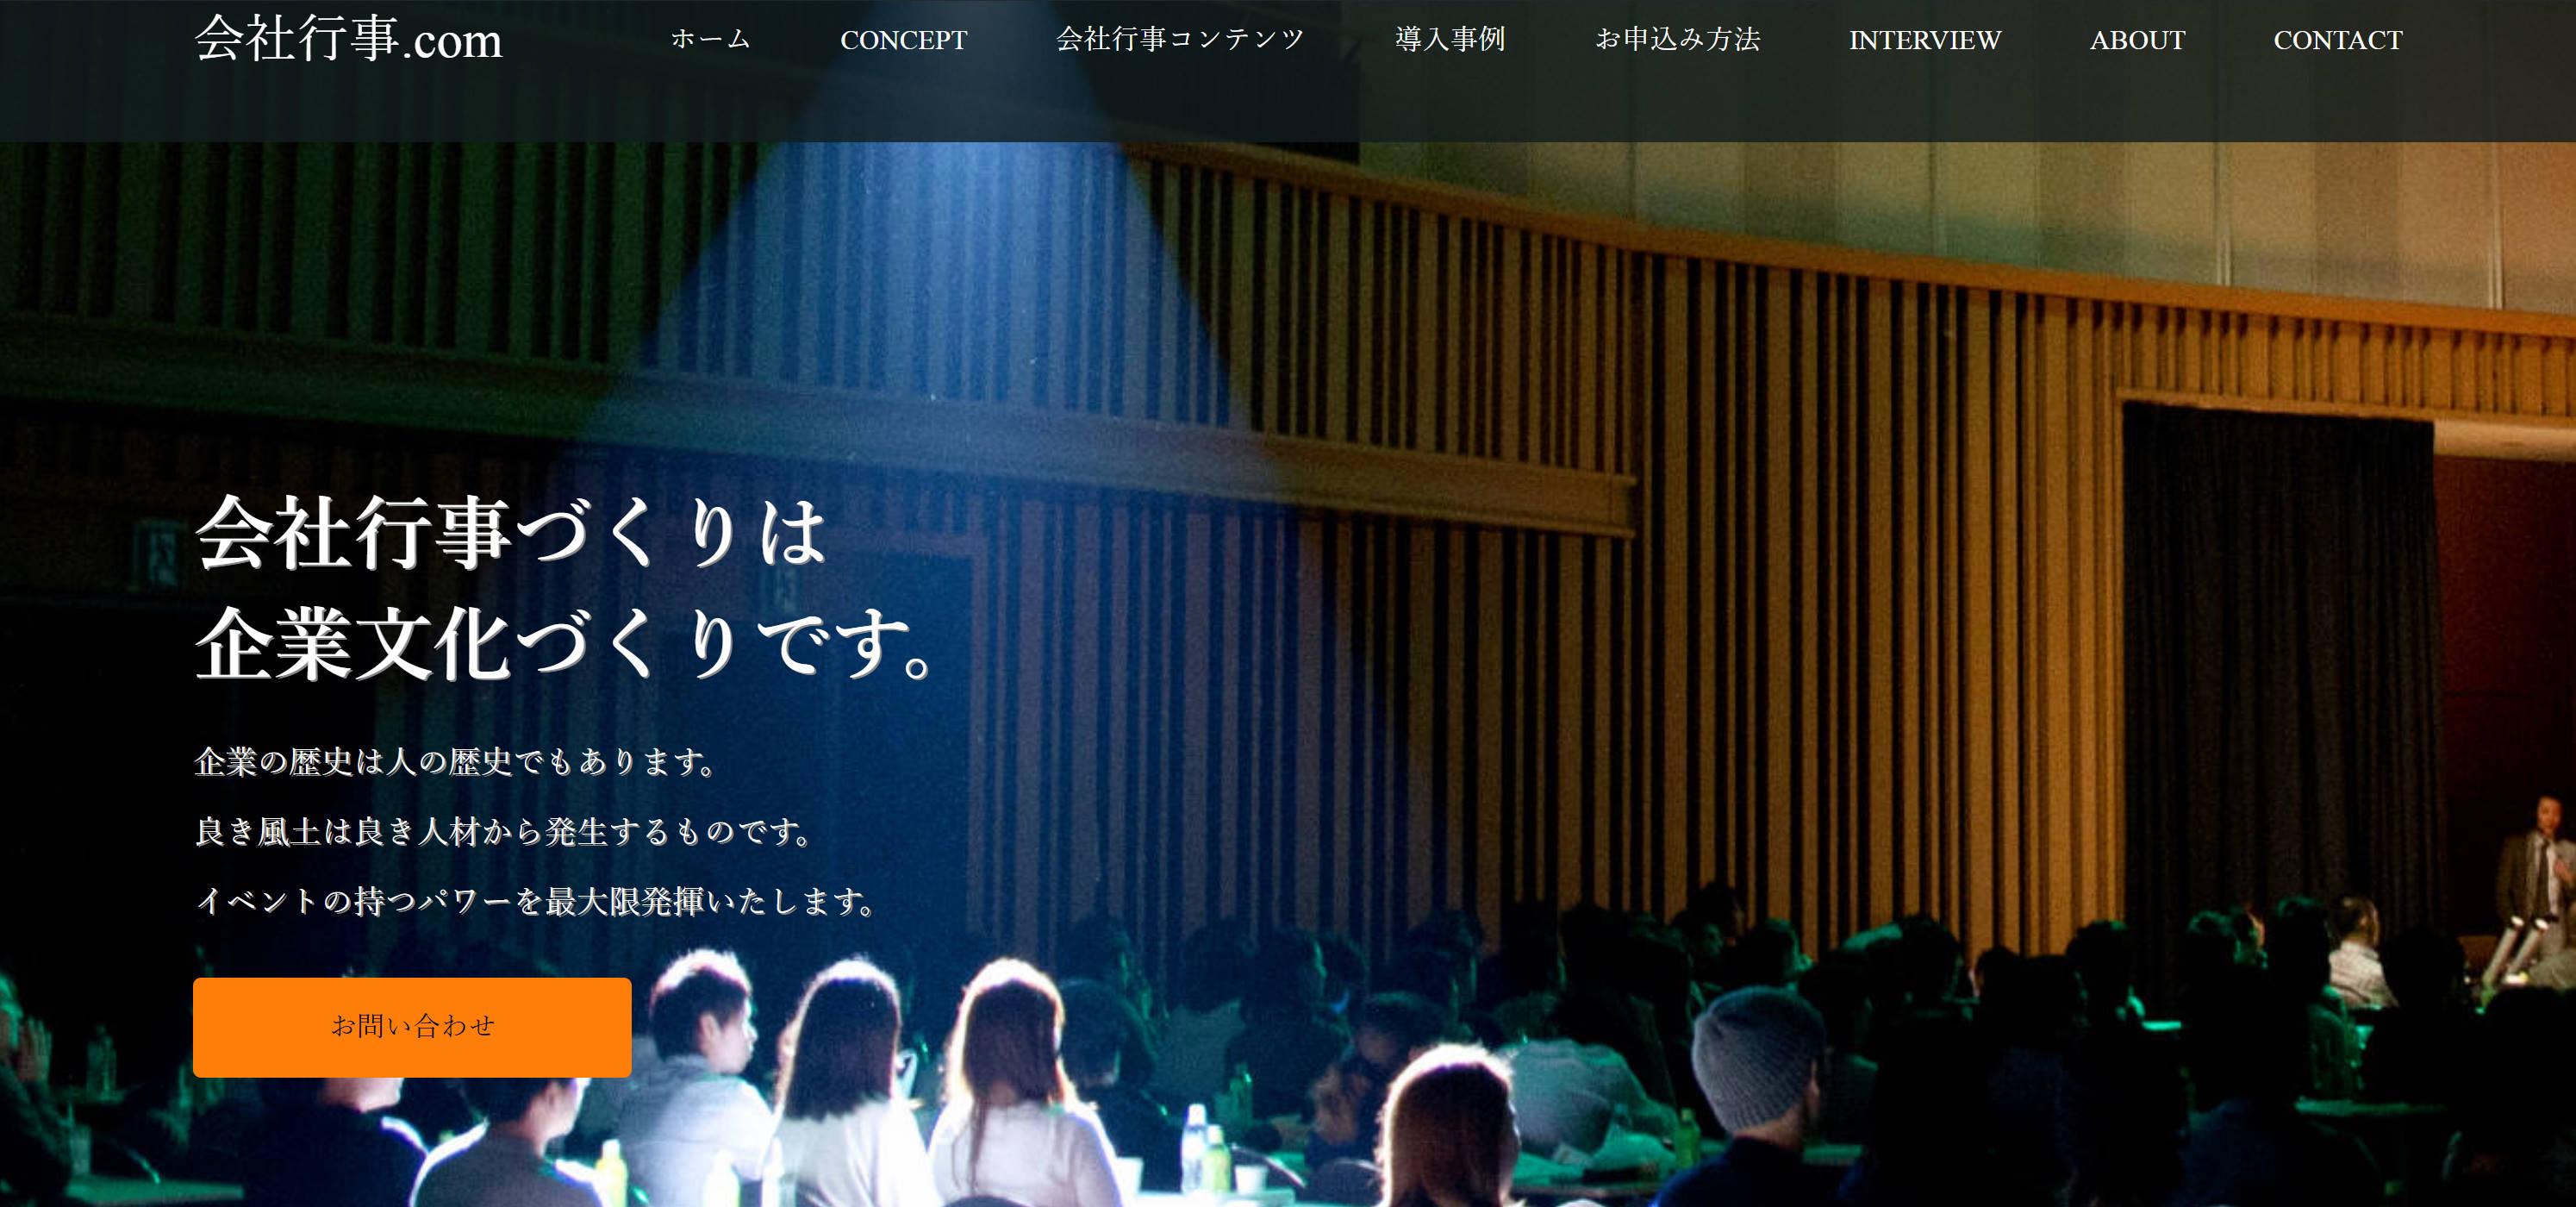 kaisyagyouji.com